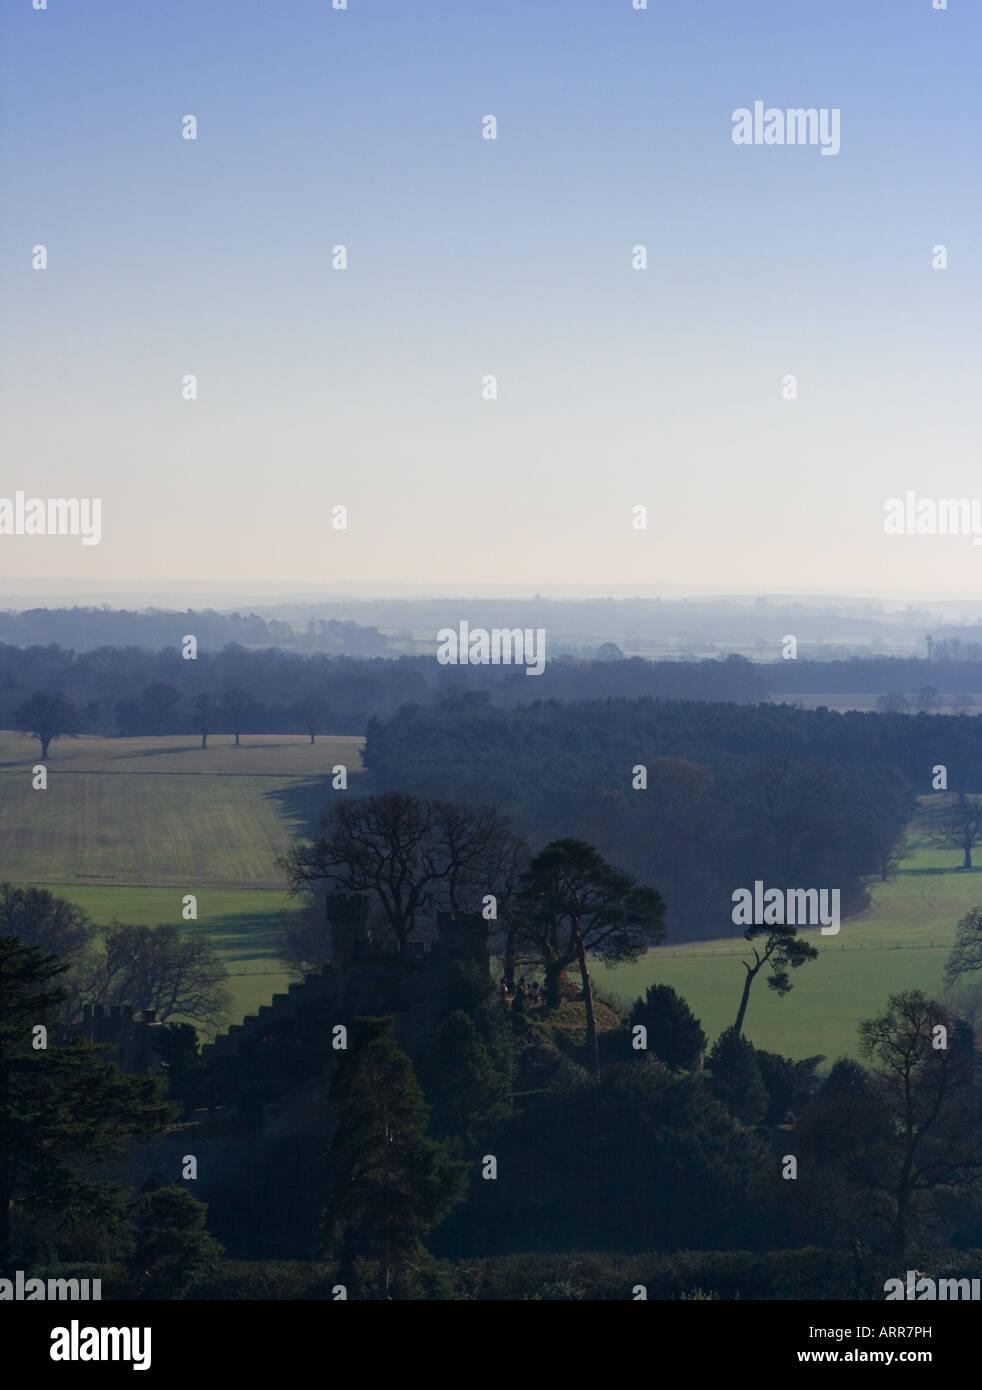 Enchanted landscape - Stock Image